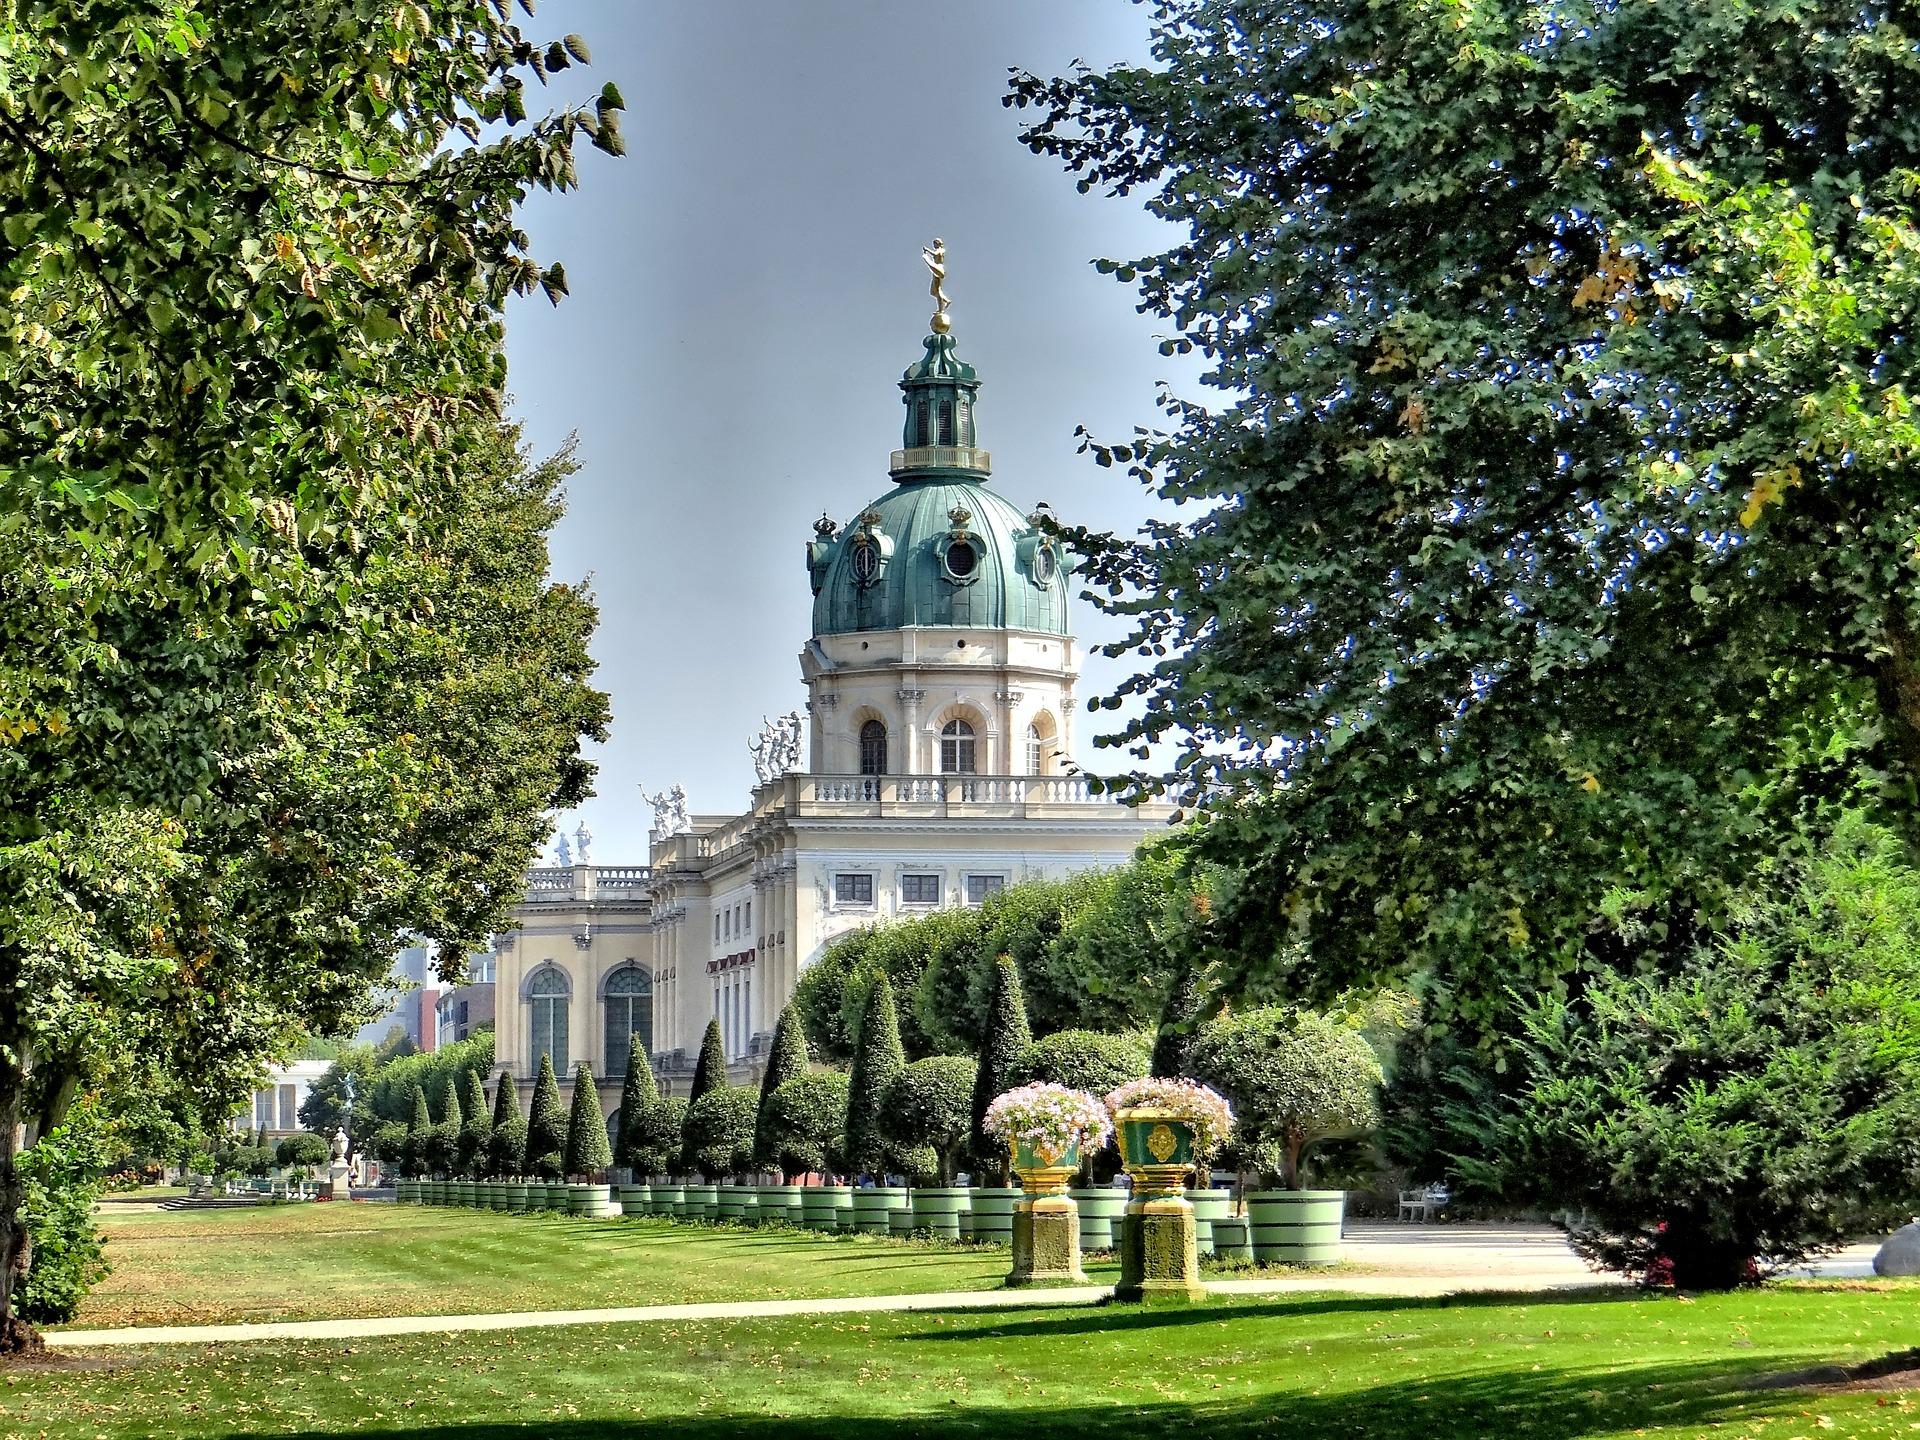 Beautiful view on Charlottenburg Palace - Berlin, Germany